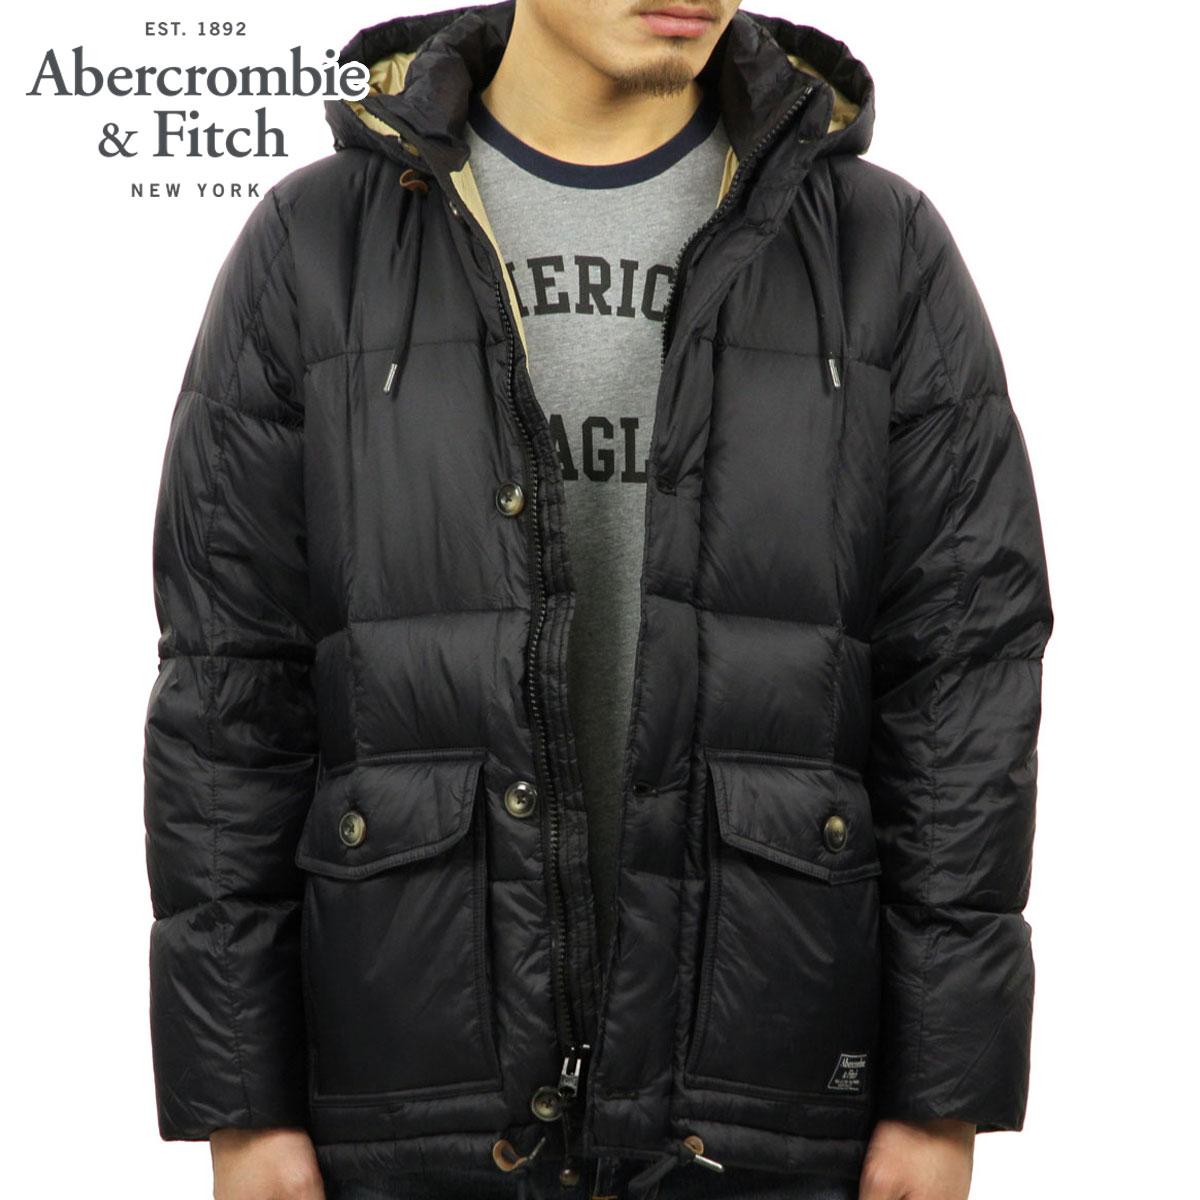 アバクロ Abercrombie&Fitch 正規品 メンズ アウター ダウンジャケット DOWN-FILLED PUFFER COAT 132-327-0409-900